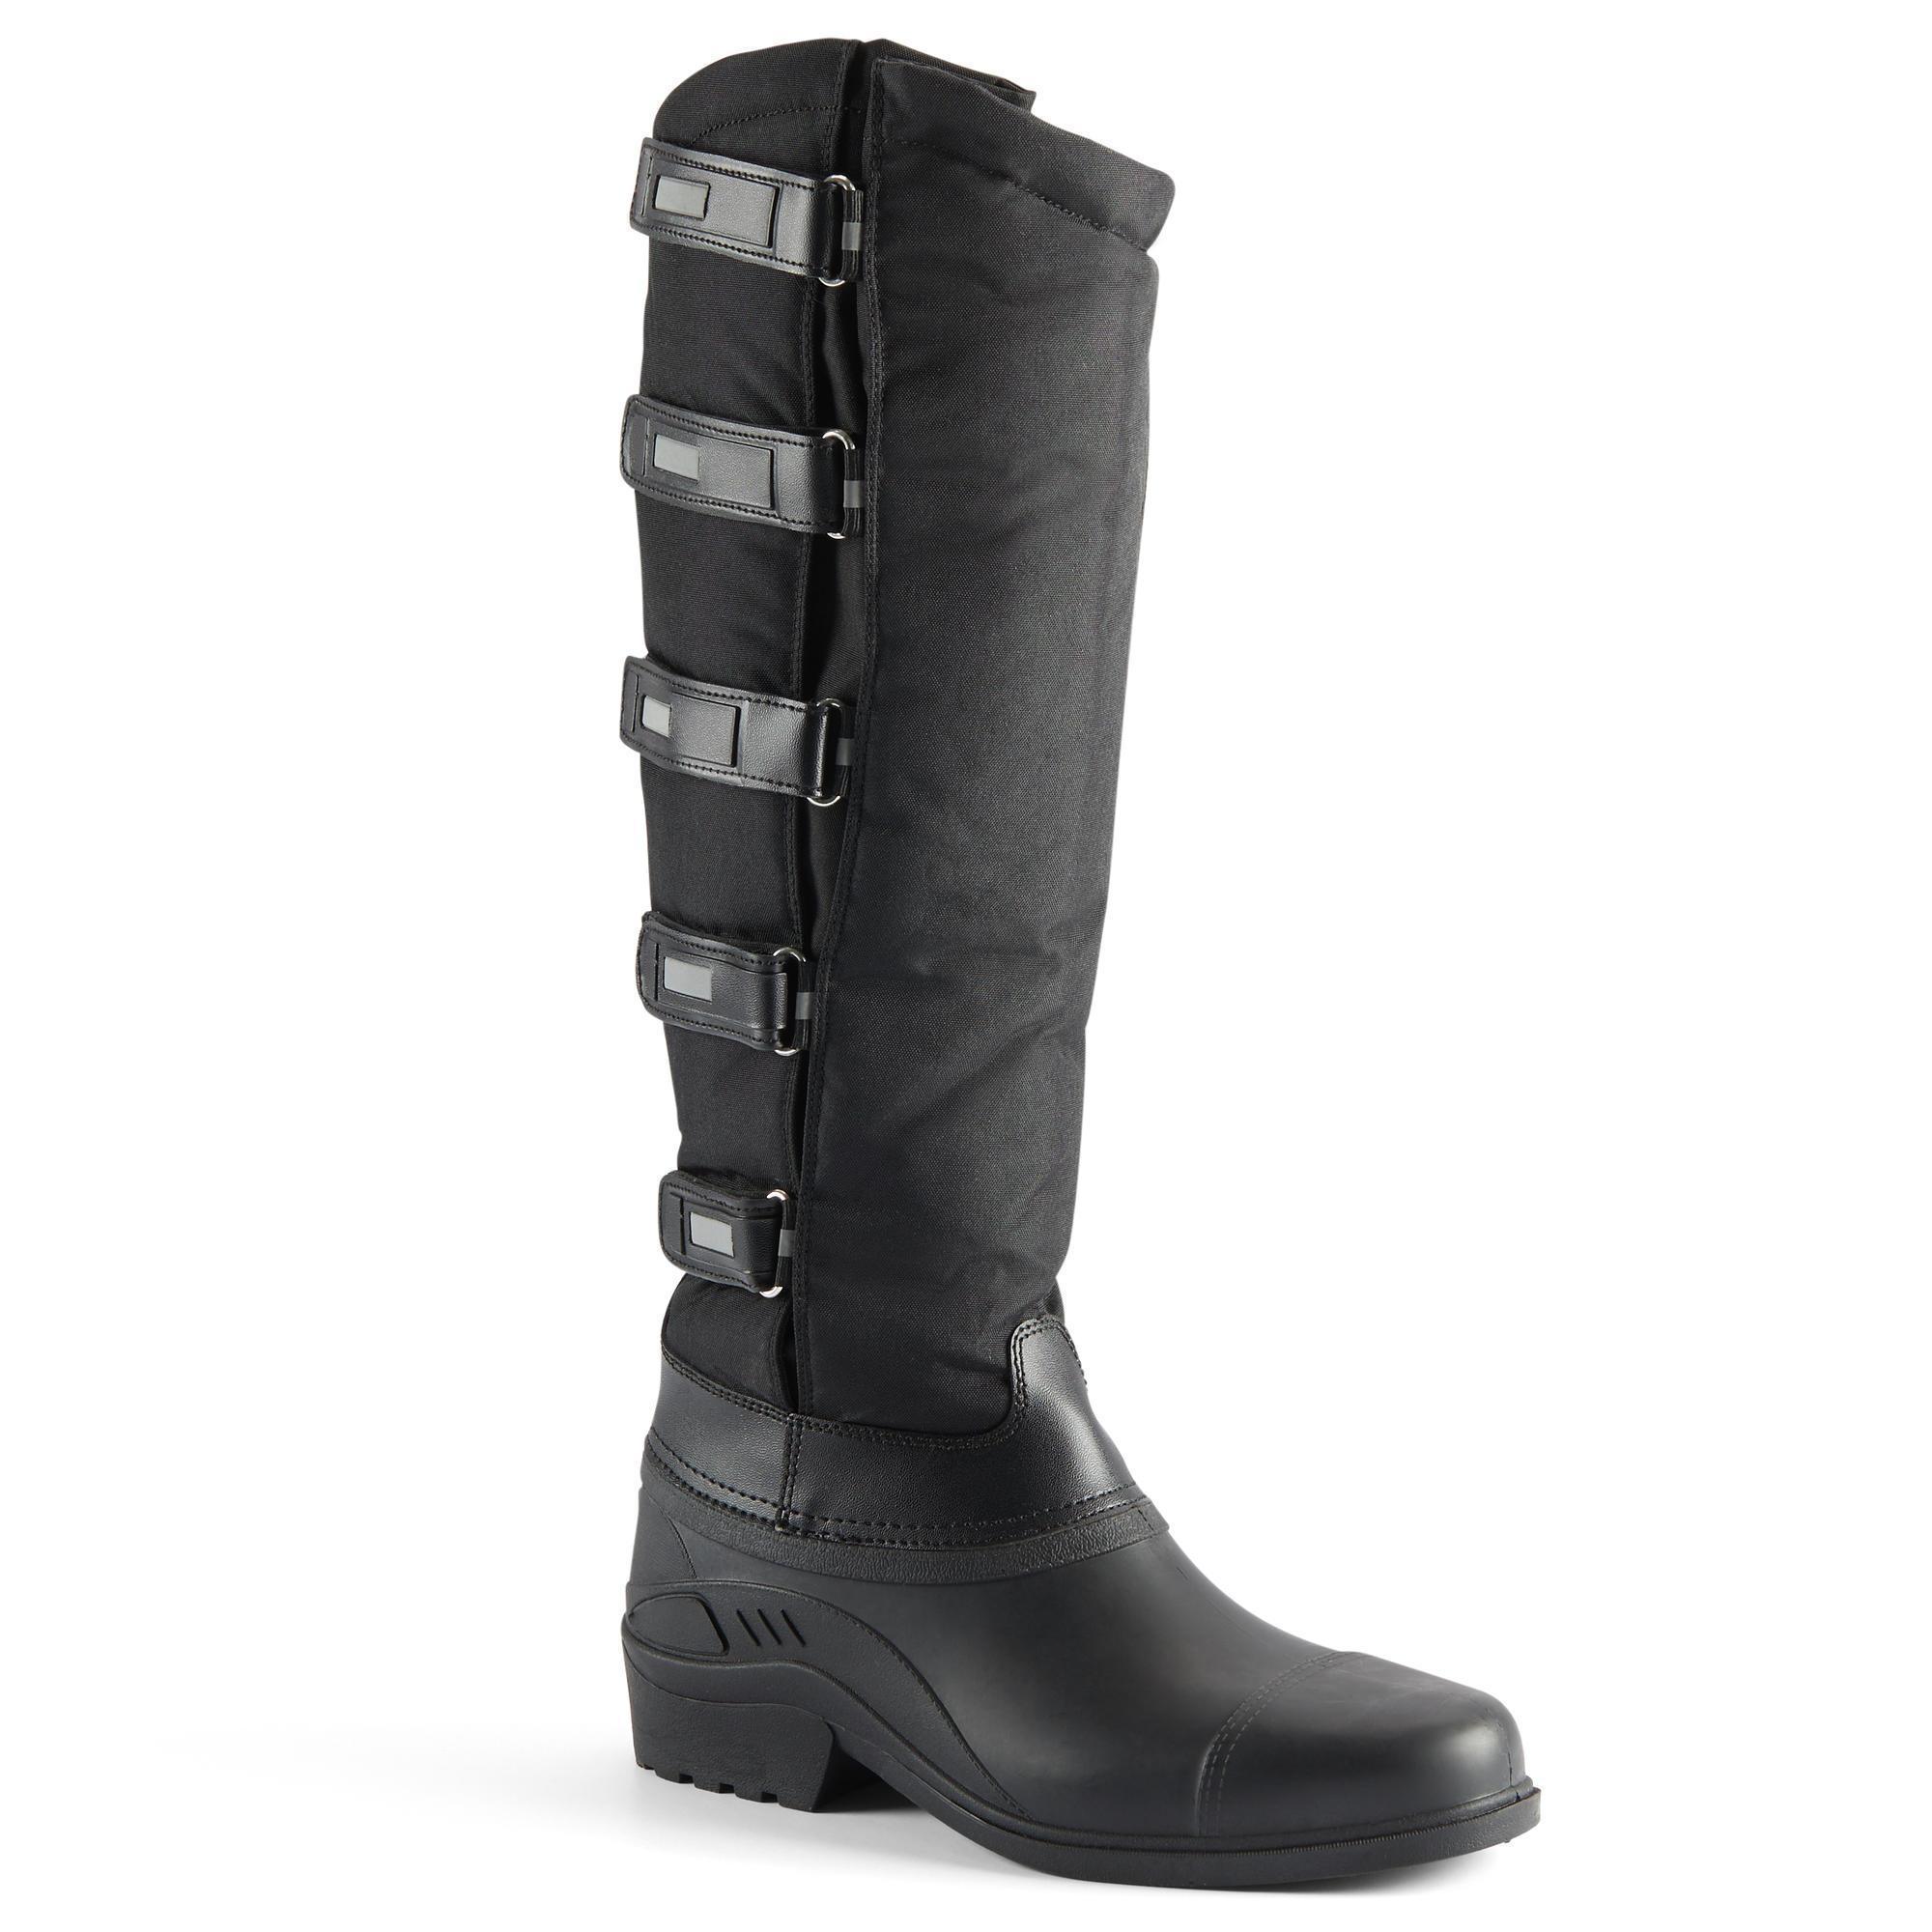 Winter-Reitstiefel mit Klettverschluss Erwachsene schwarz | Schuhe > Sportschuhe > Reitstiefel | Kerbl